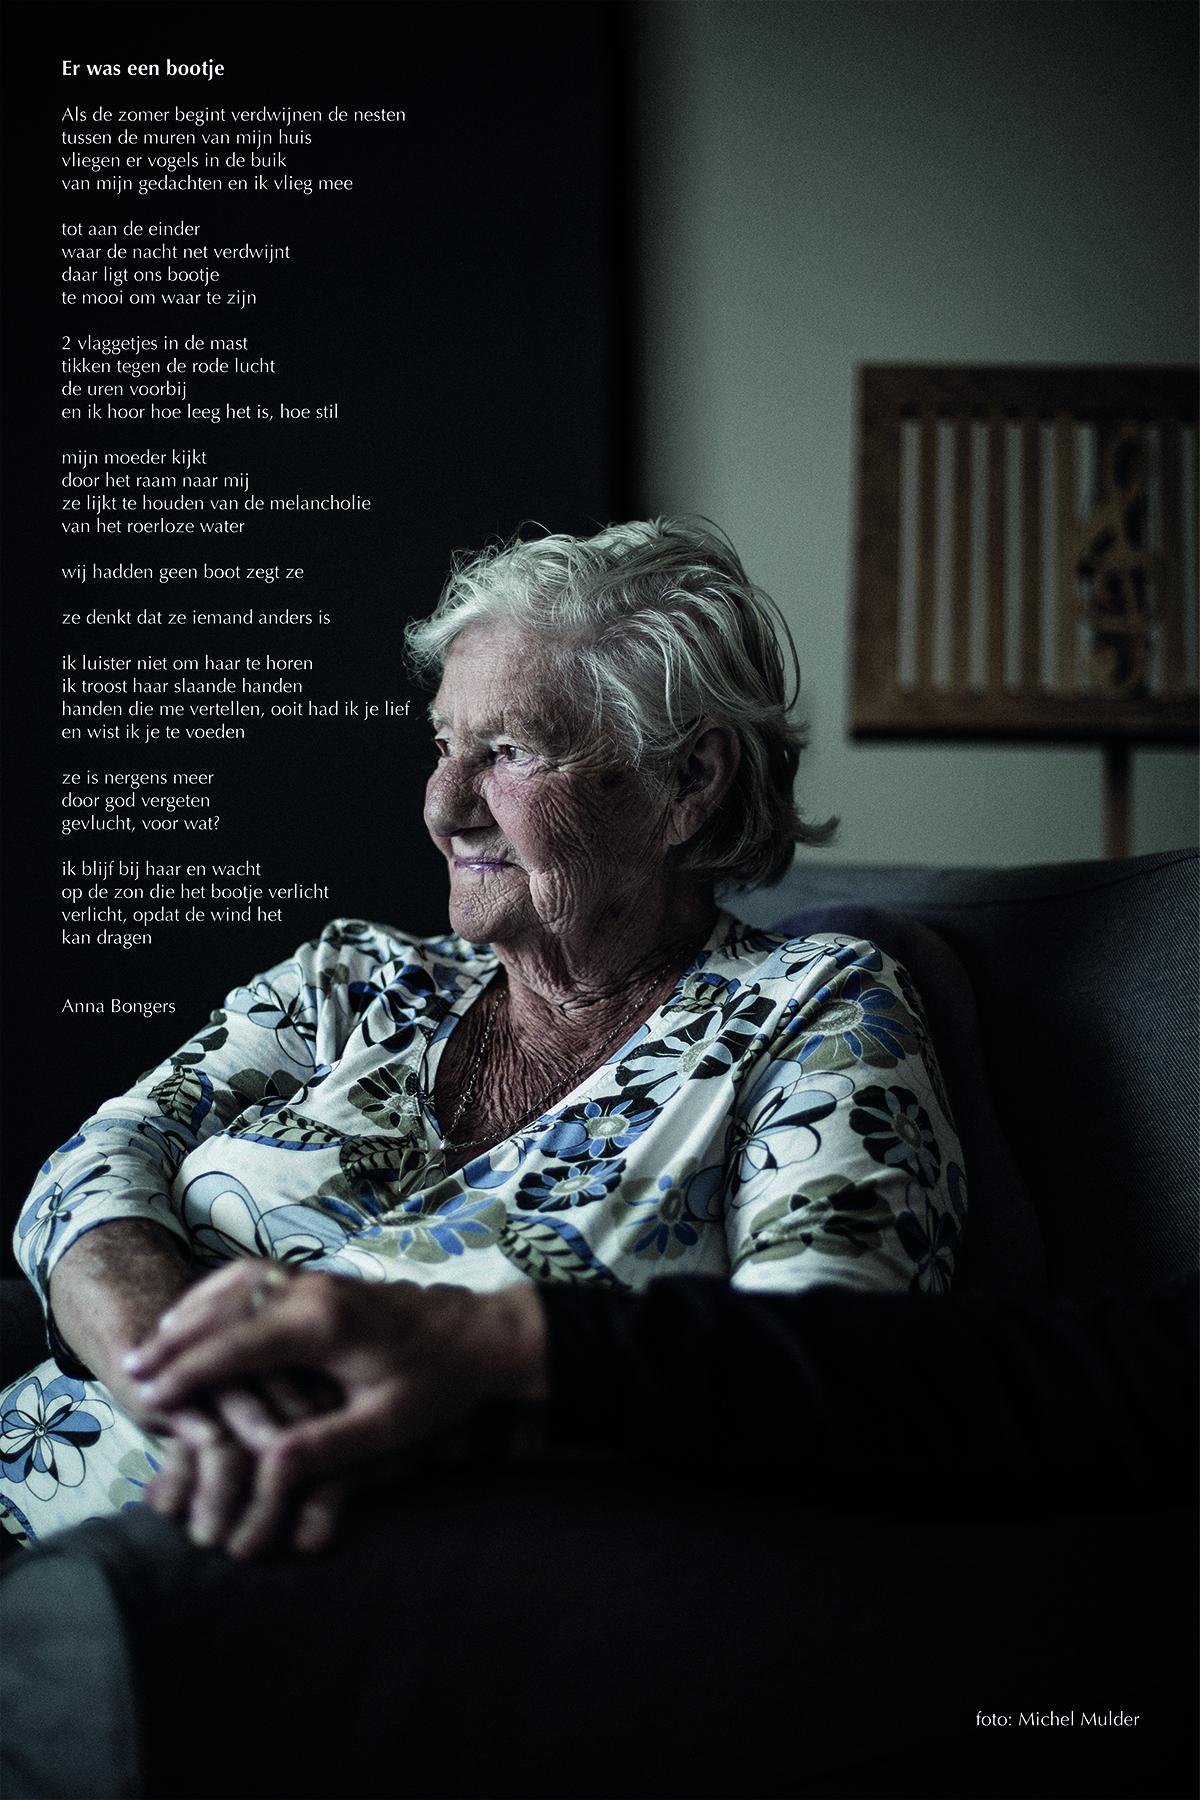 Wonderbaar Dichter bij dementie' nog tot uiterlijk 12 oktober te bewonderen TM-52